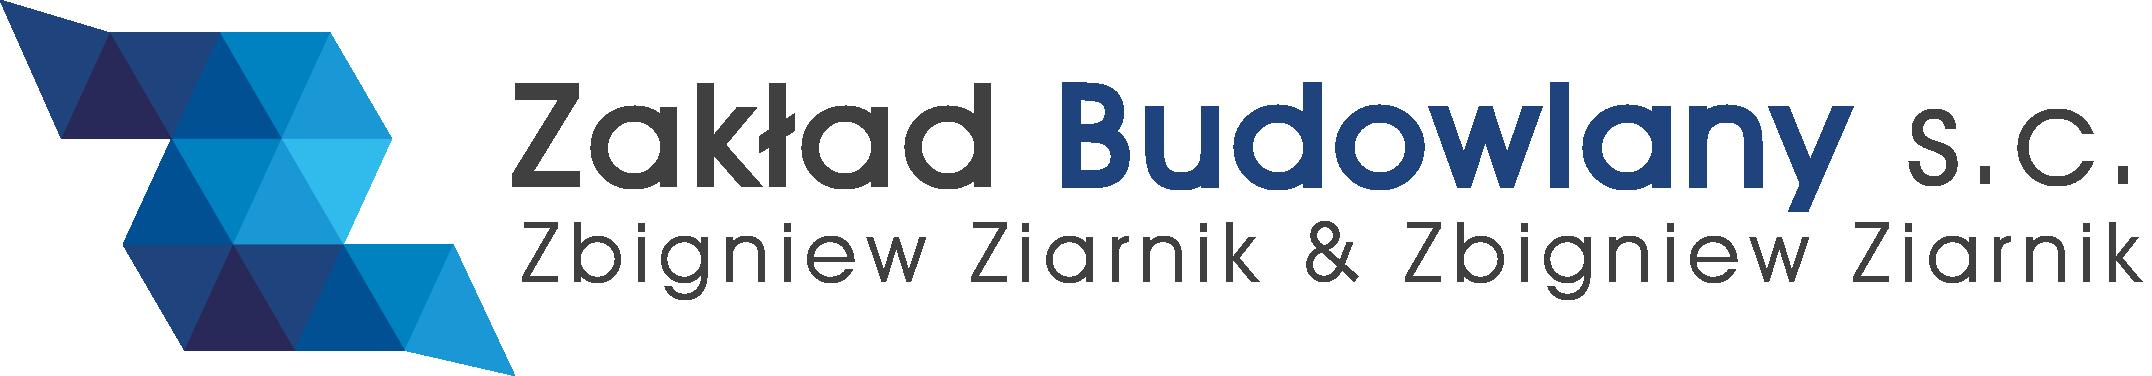 Zakład Budowlany Zbyszek Ziernik & Zbyszek Ziernik